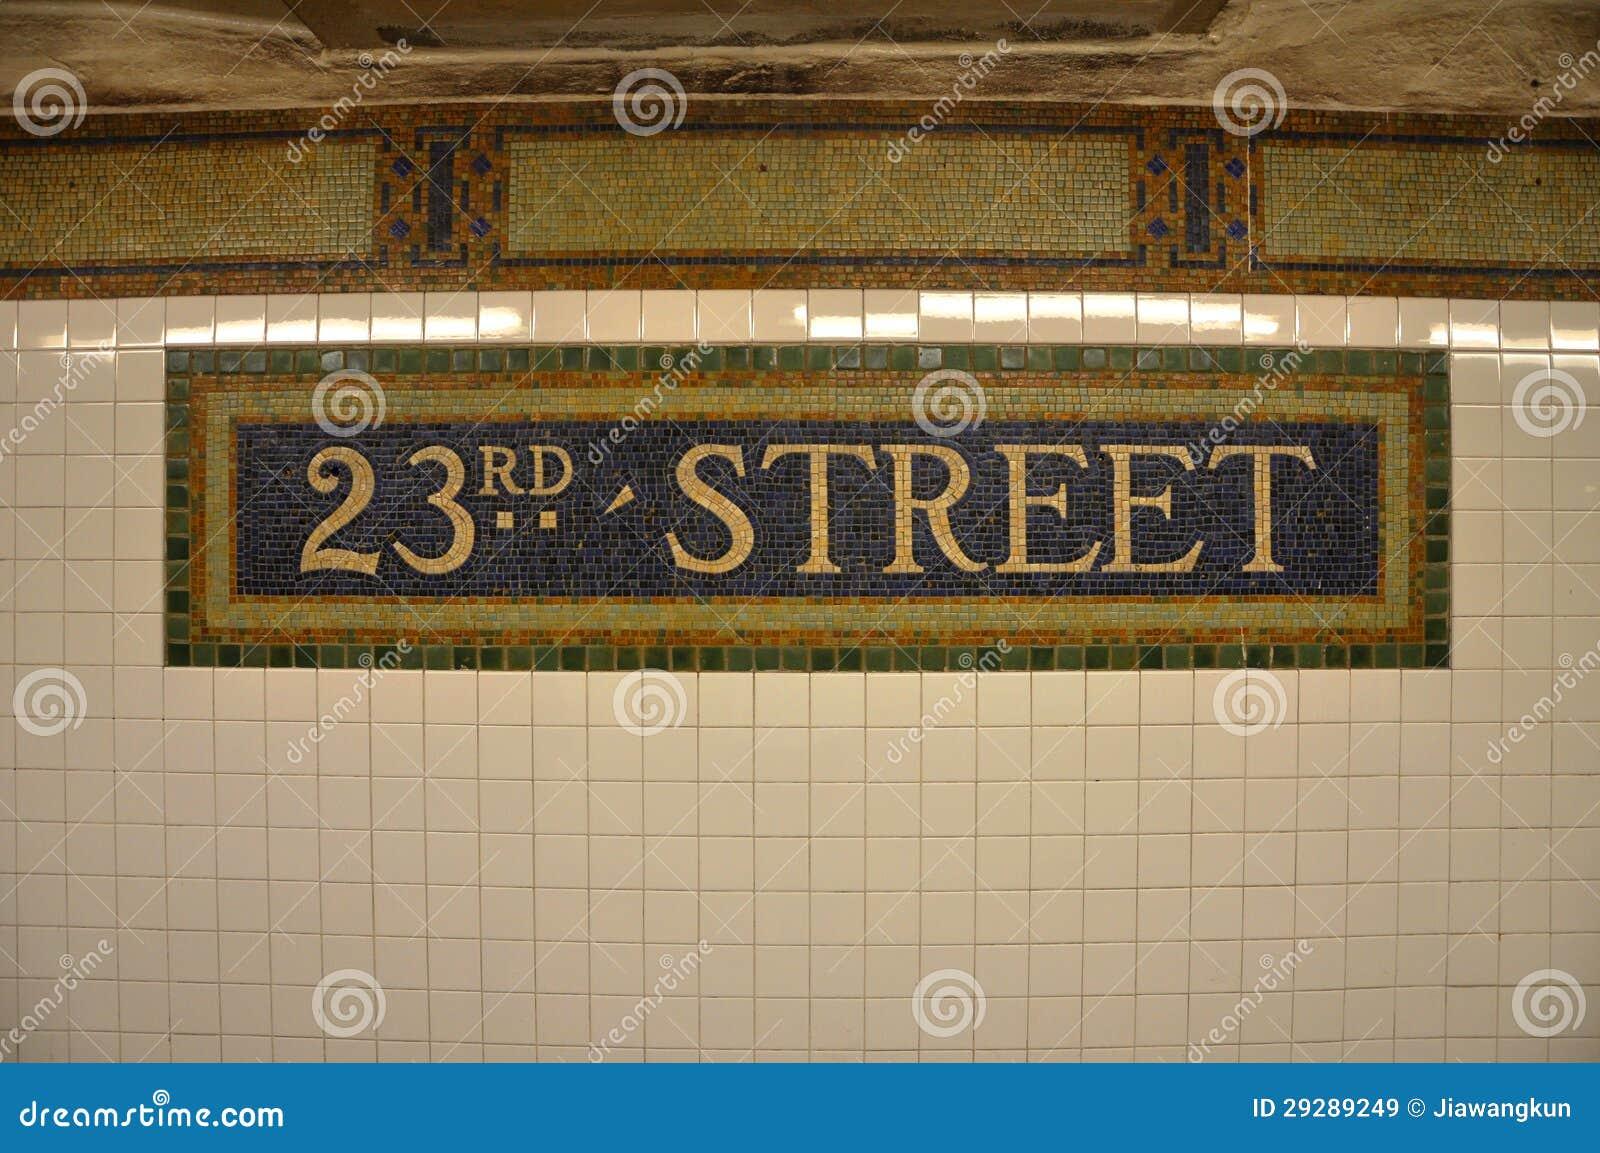 Teken van de ste metro van de straat in de tegel van het mozaïek